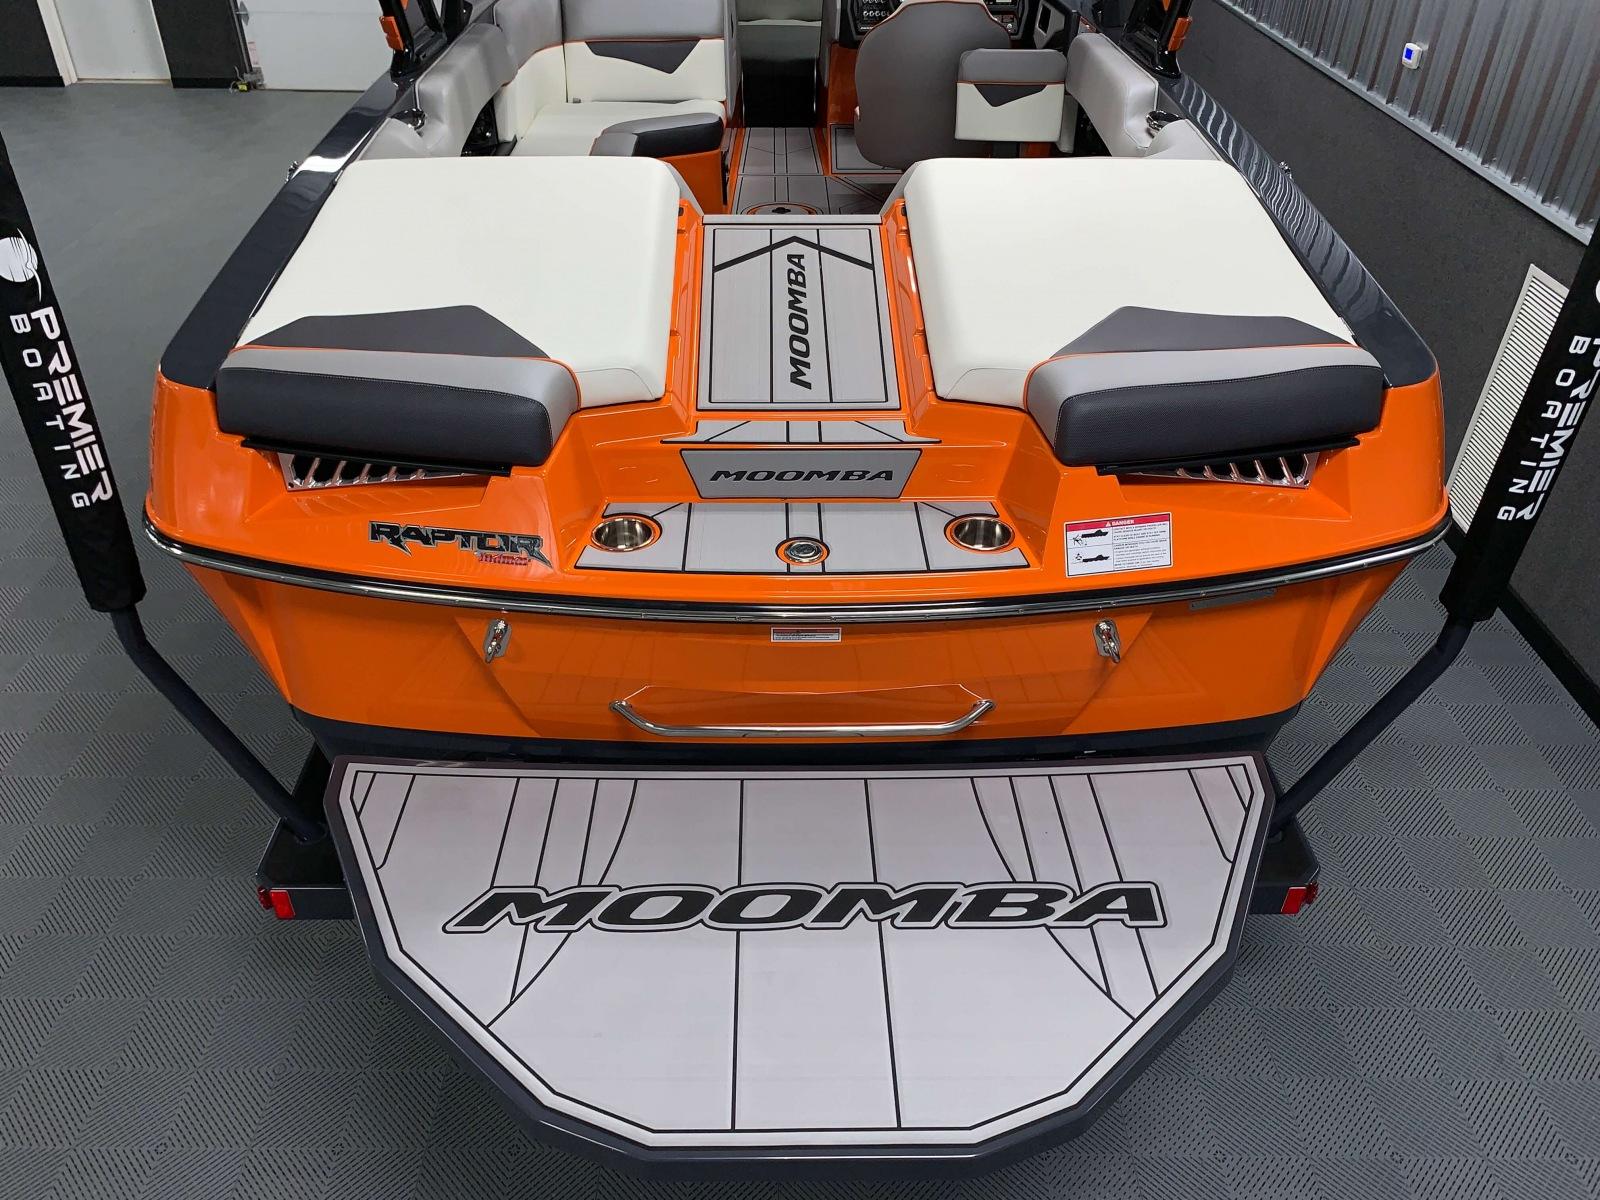 Transom of the 2021 Moomba Kaiyen Wake Boat